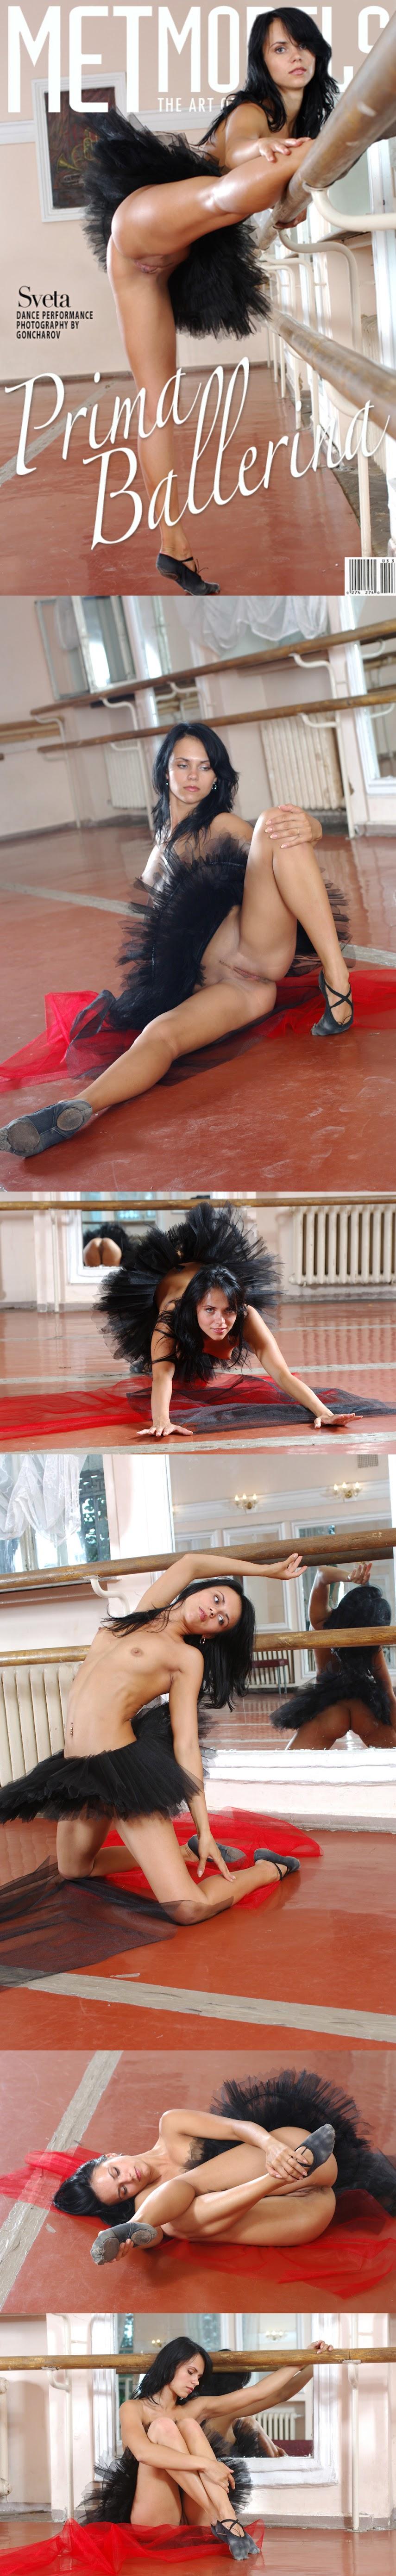 09 SVETA PRIMA BALLERINA by Sergey Goncharov sexy girls image jav